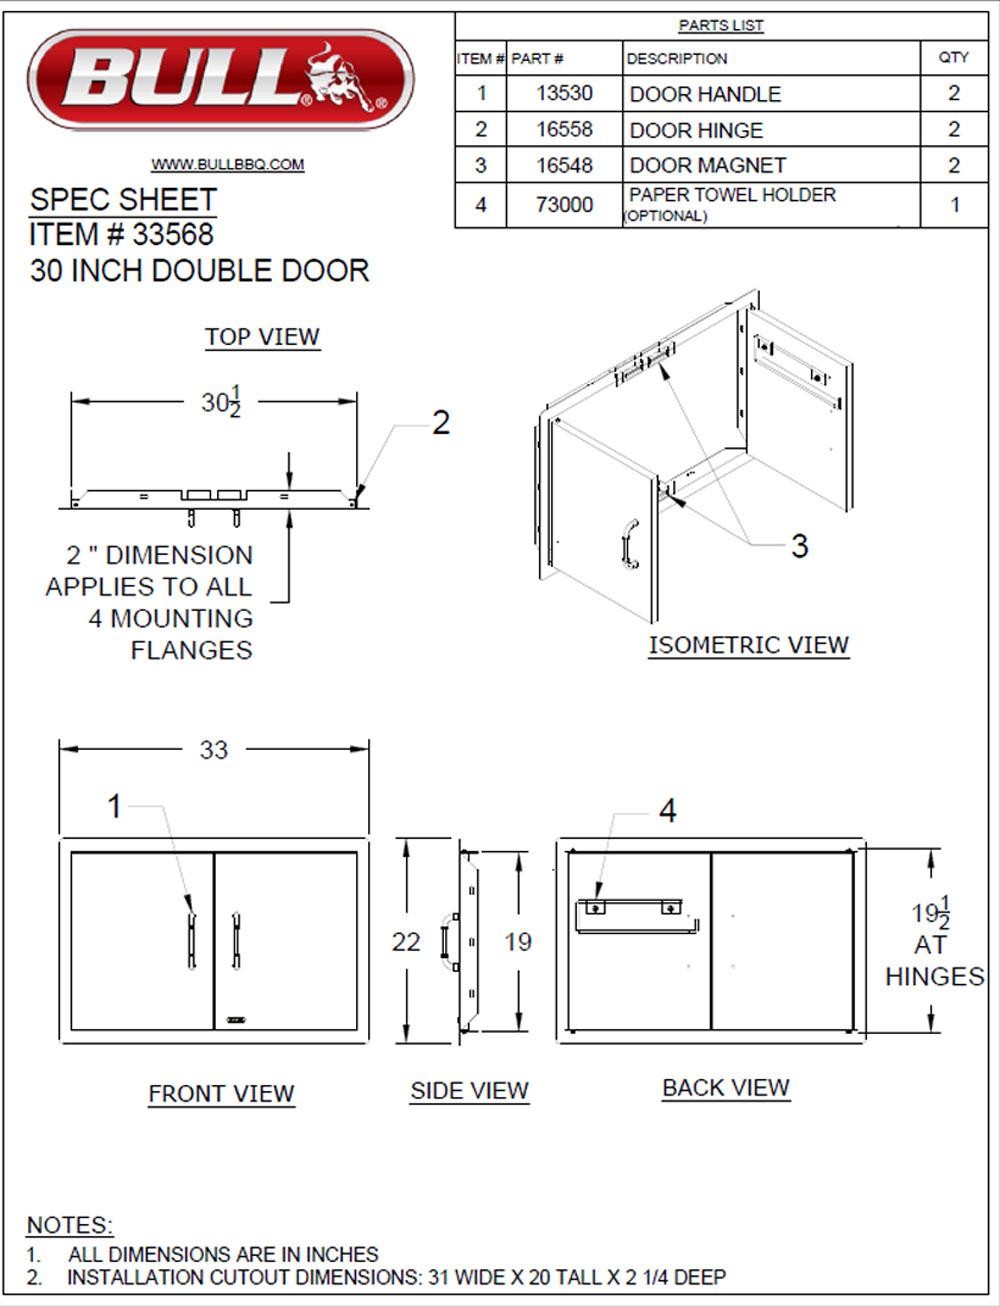 bull-stainless-steel-doors.jpg